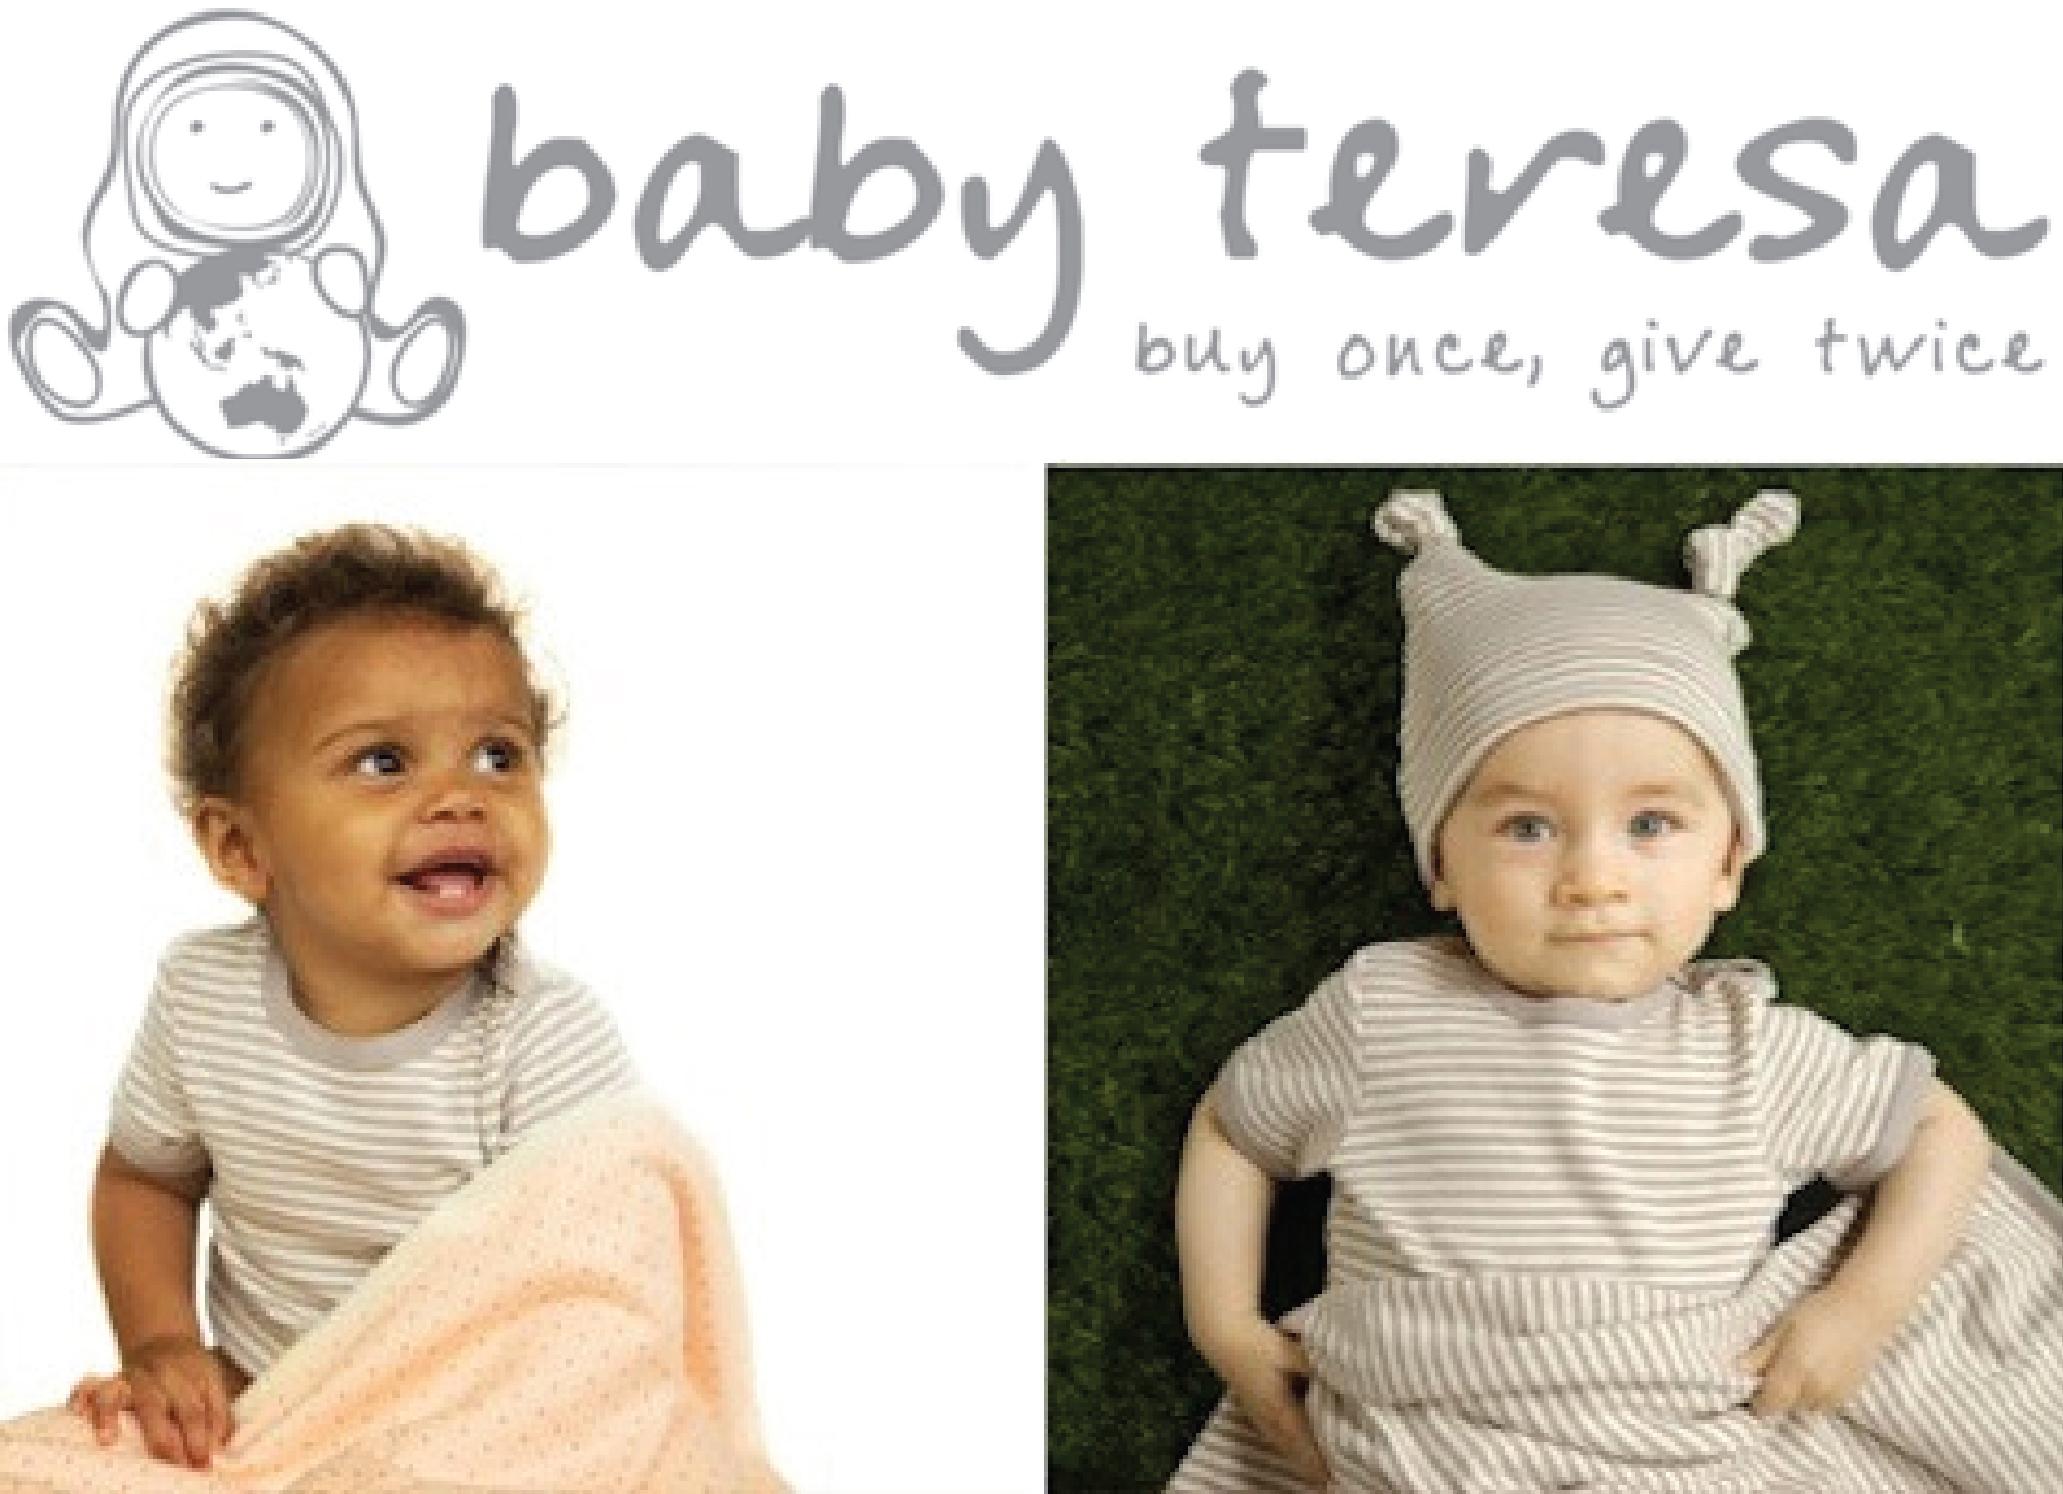 Baby Teresa